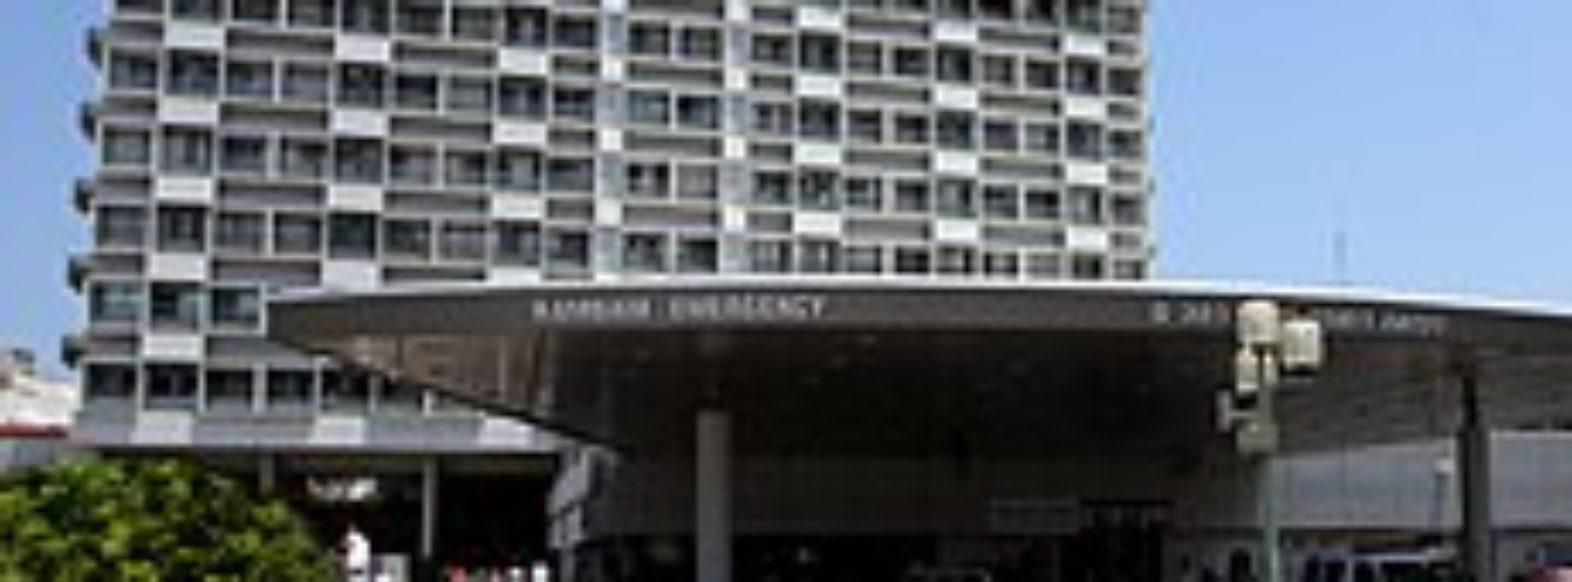 המשטרה עצרה שני חשודים בגניבת רכוש וכרטיסי אשראי מחולים בבתי חולים